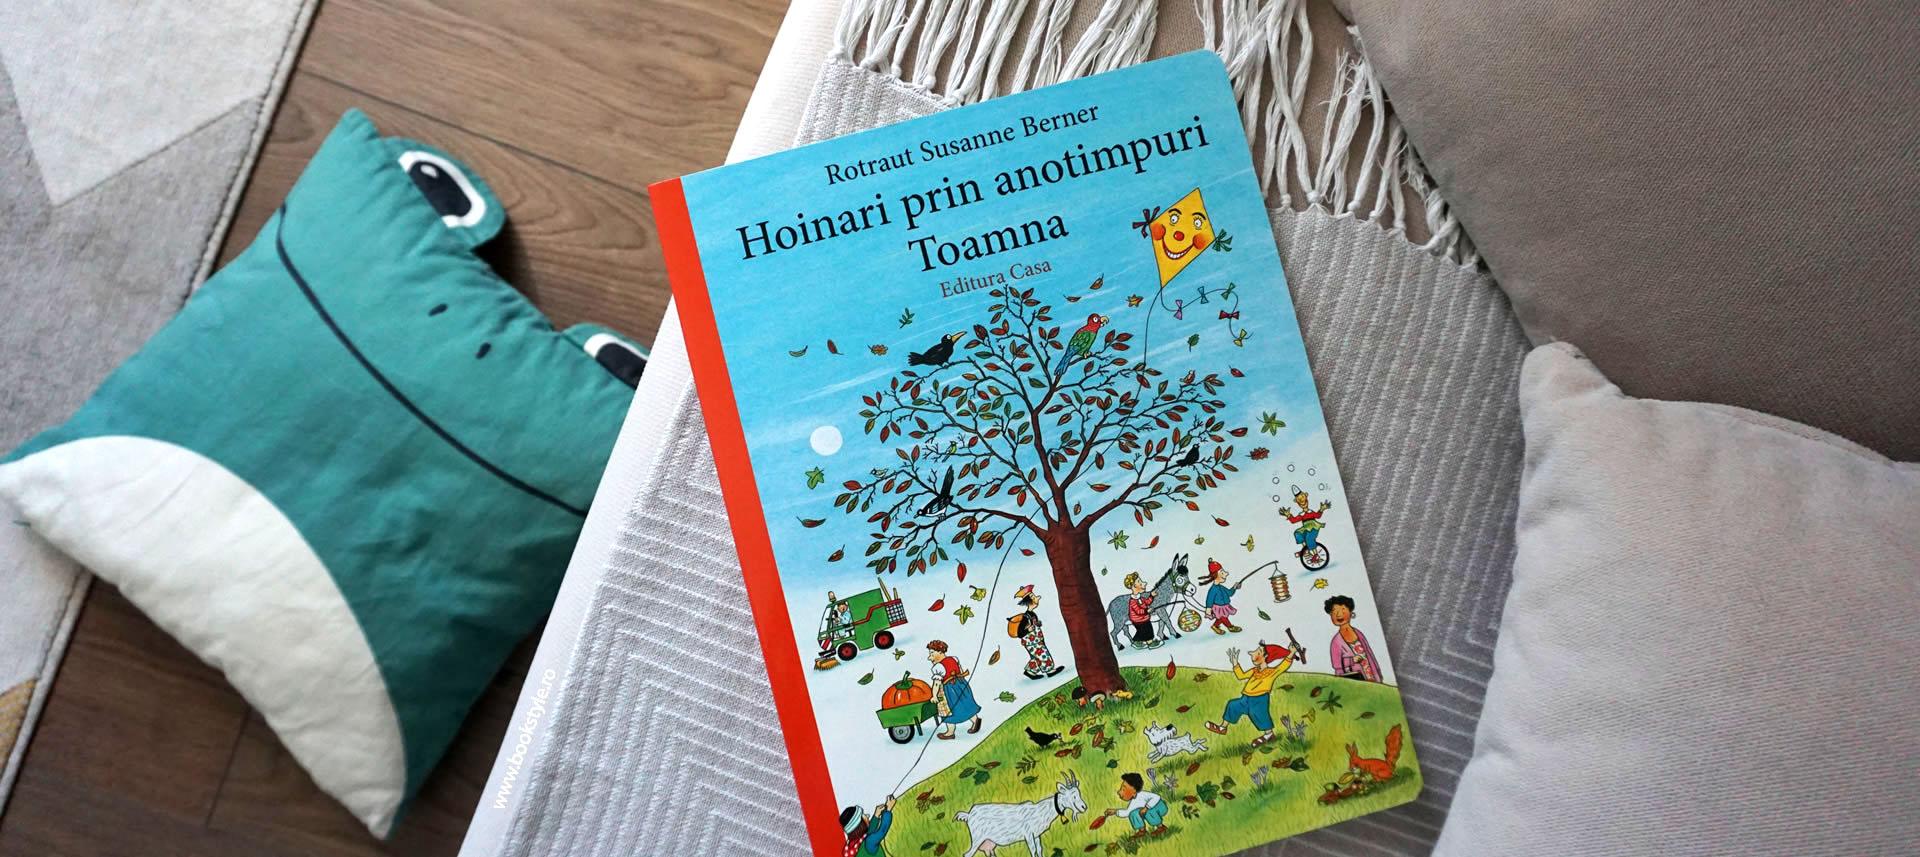 Carte de căutare: Hoinari prin anotimpuri – Toamna, de Rotraut Susanne Berner Editura Casa